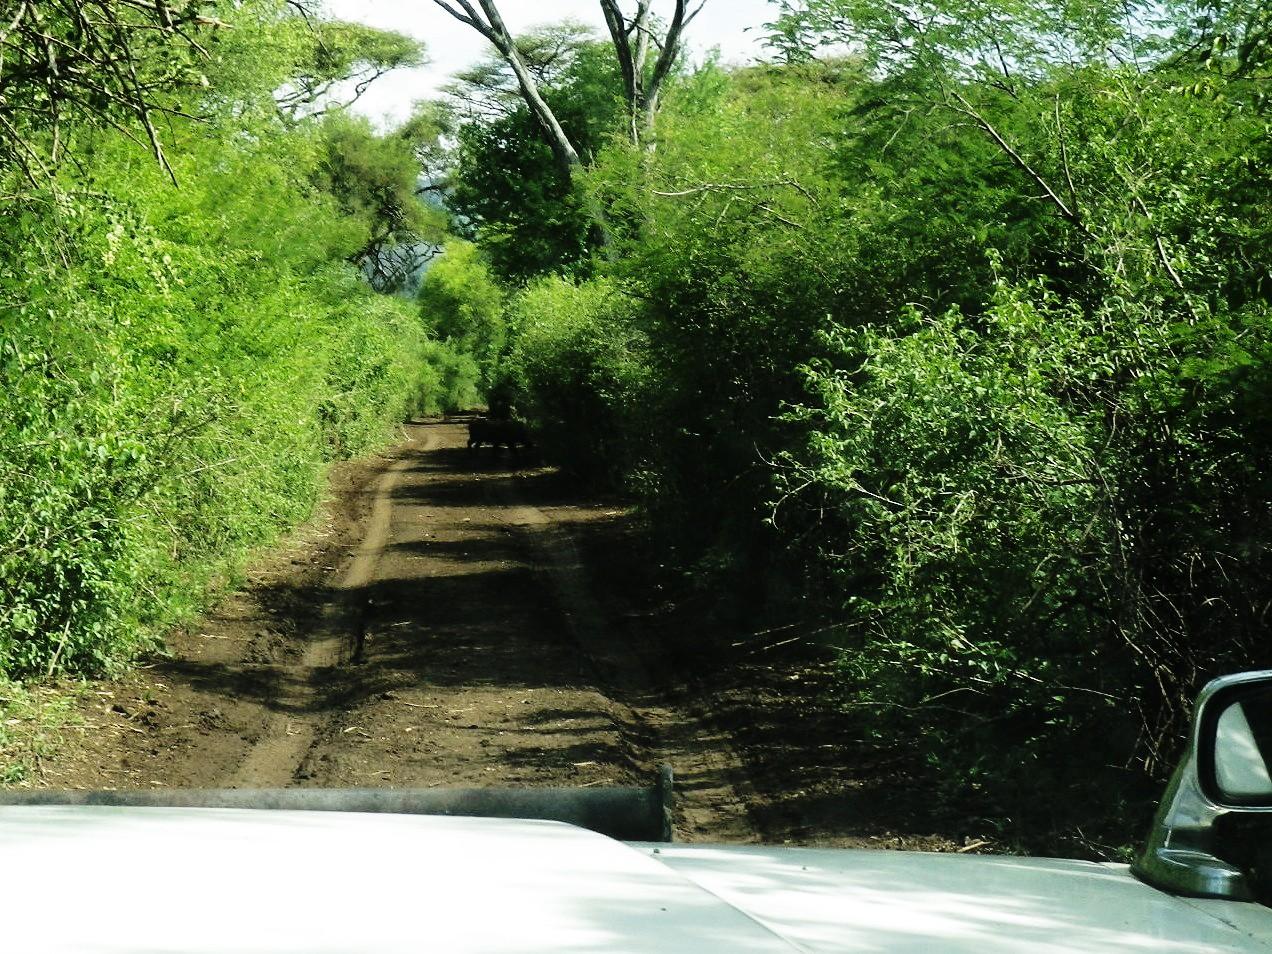 大自然!エチオピアへ野生動物に会いに行こう!